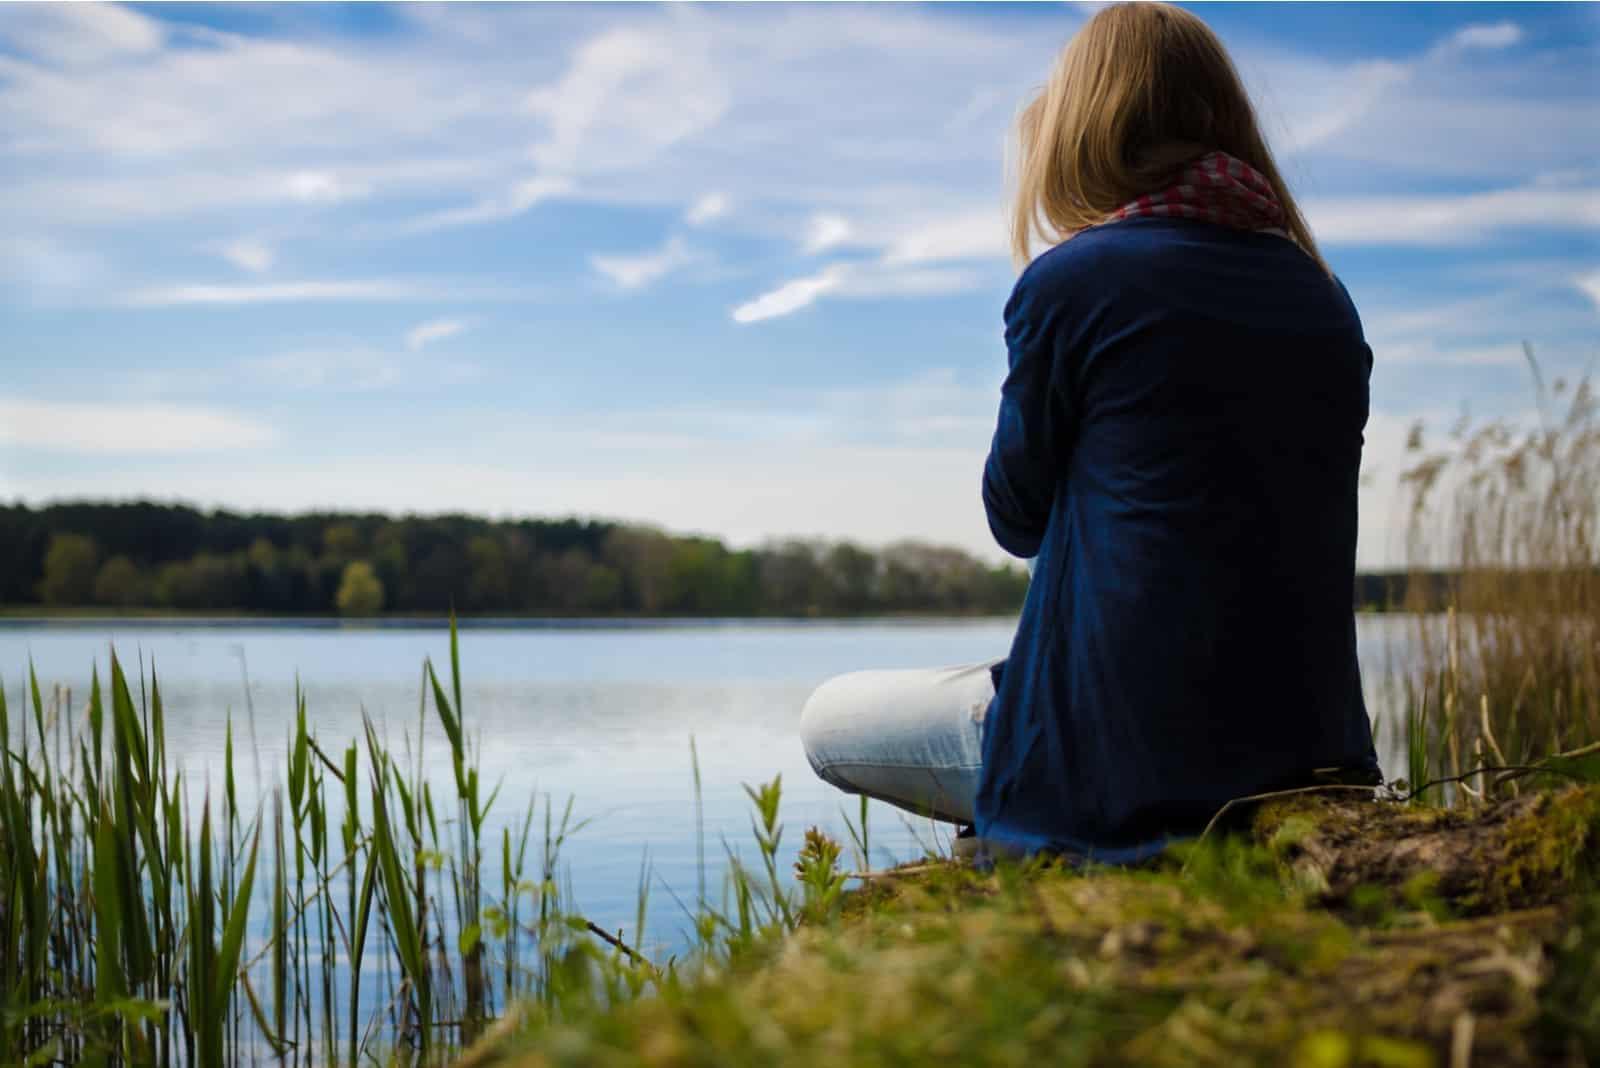 woman in blue cardigan sitting near lake